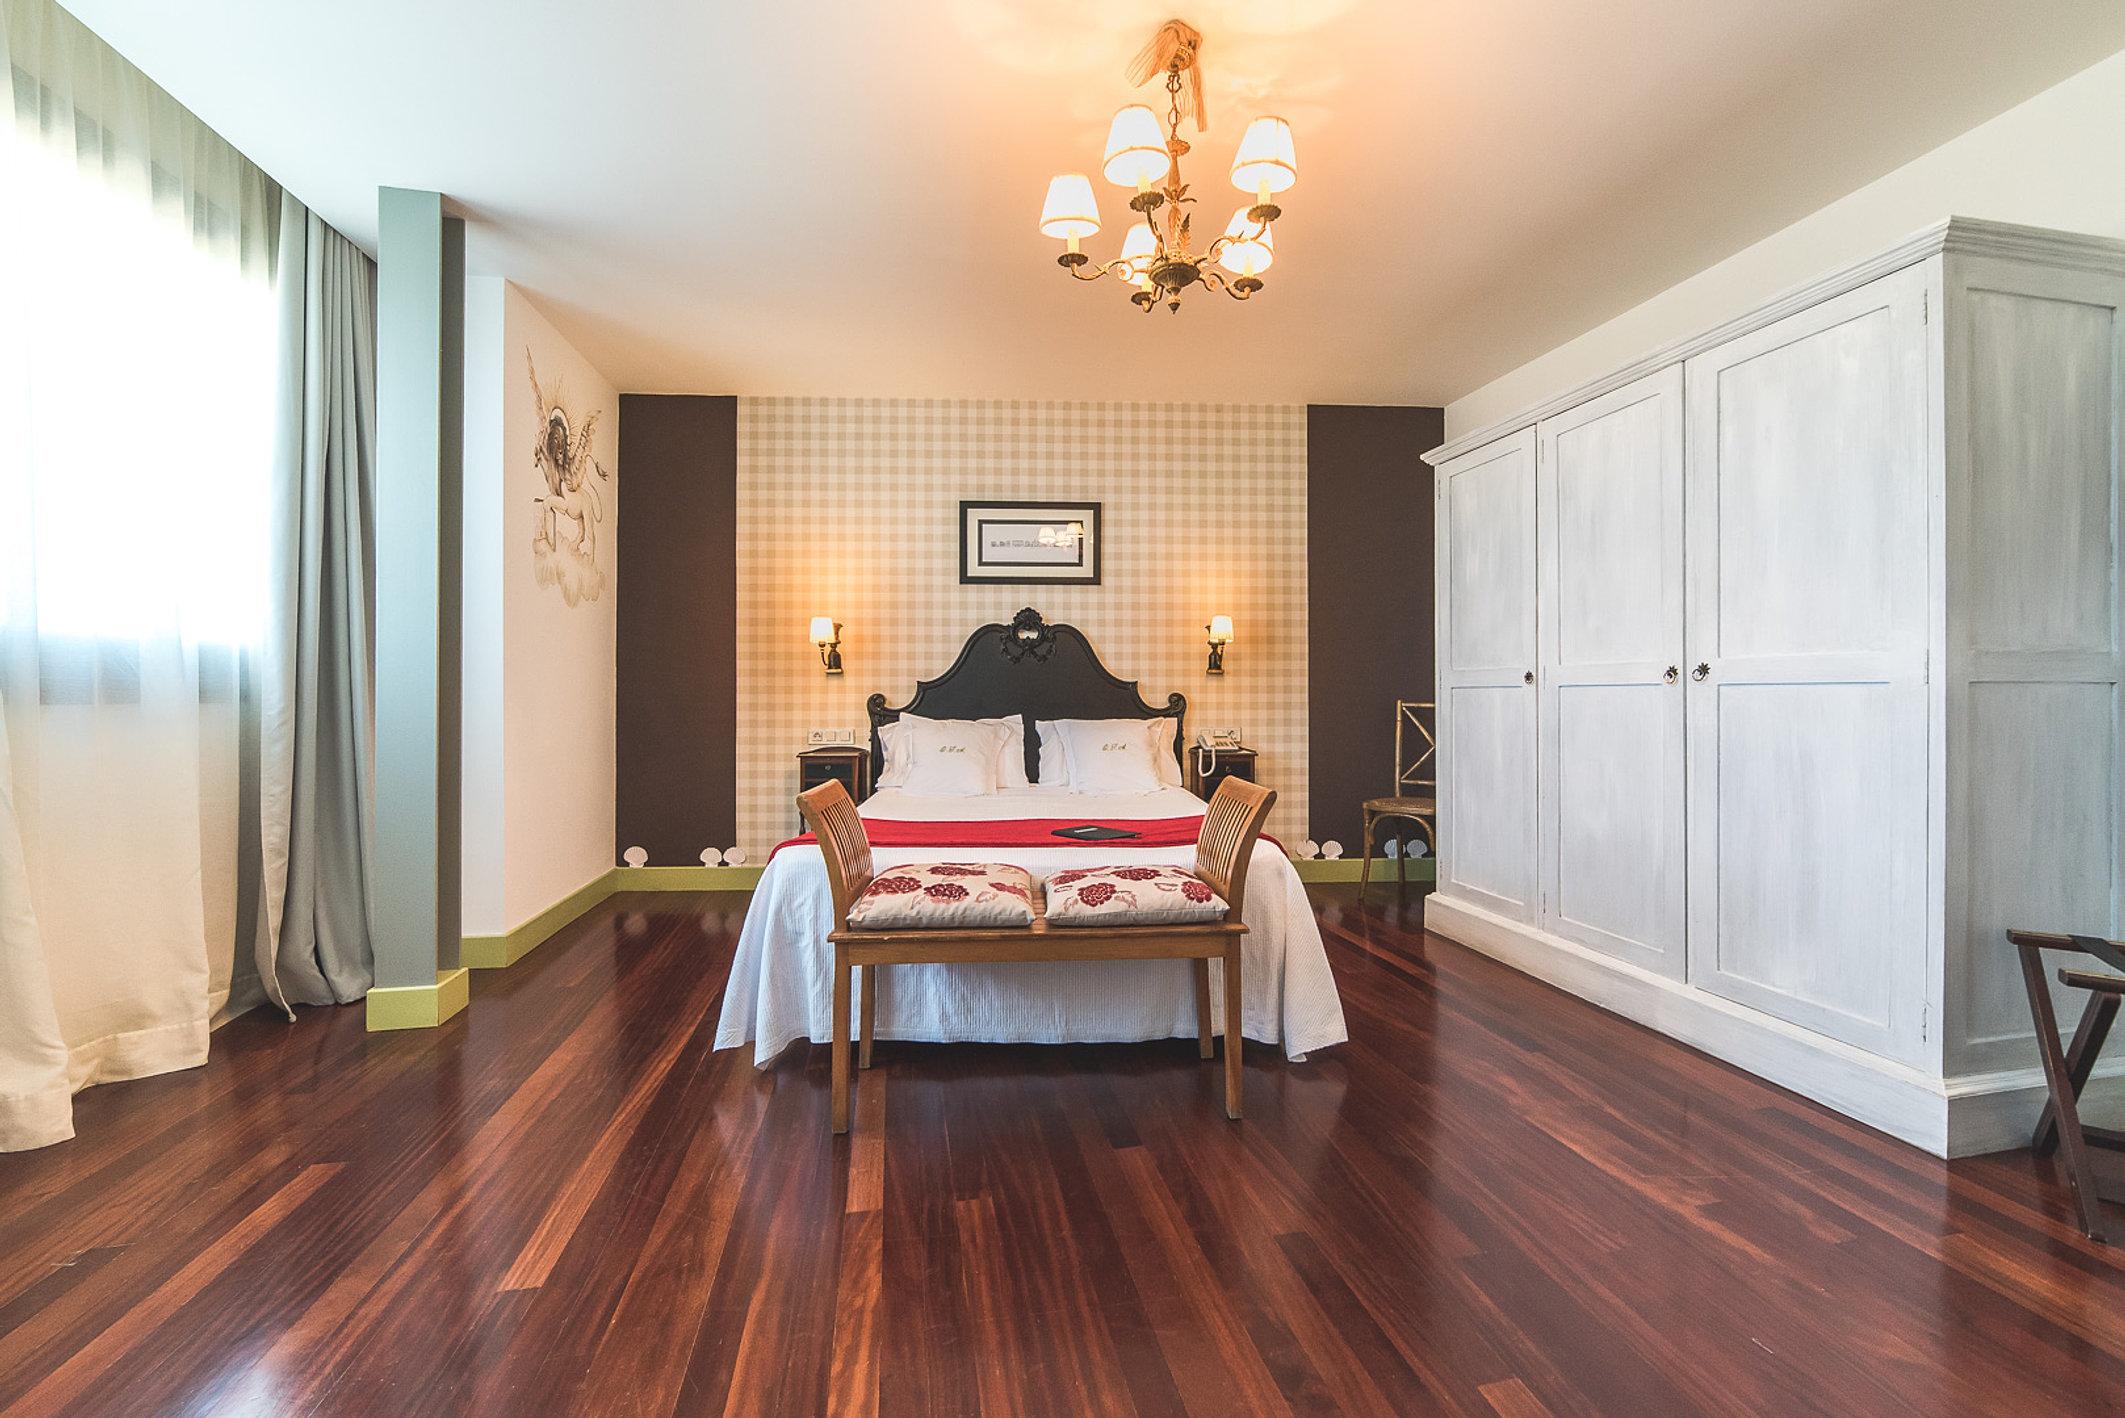 Fotografo de viviendas inmobiliarias y particulares for Alquiler vivienda sevilla particulares